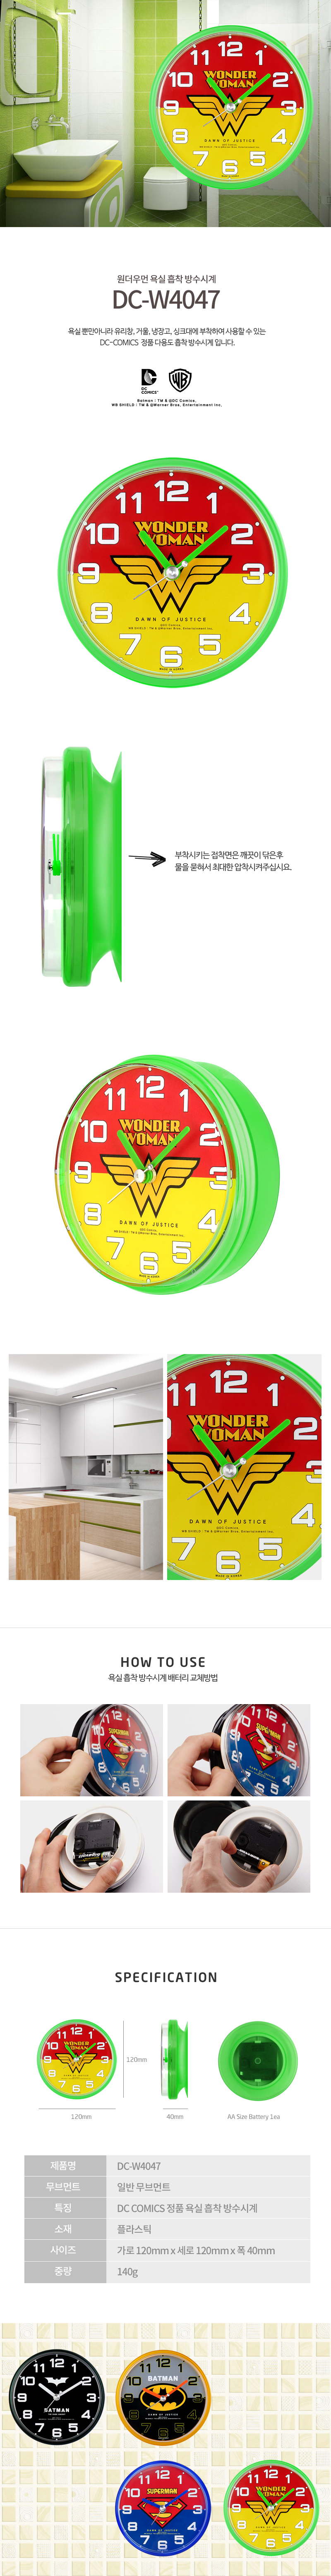 디씨코믹스(DC COMICS) [디씨코믹스] 원더우먼 욕실 흡착 방수시계 DC-W4047